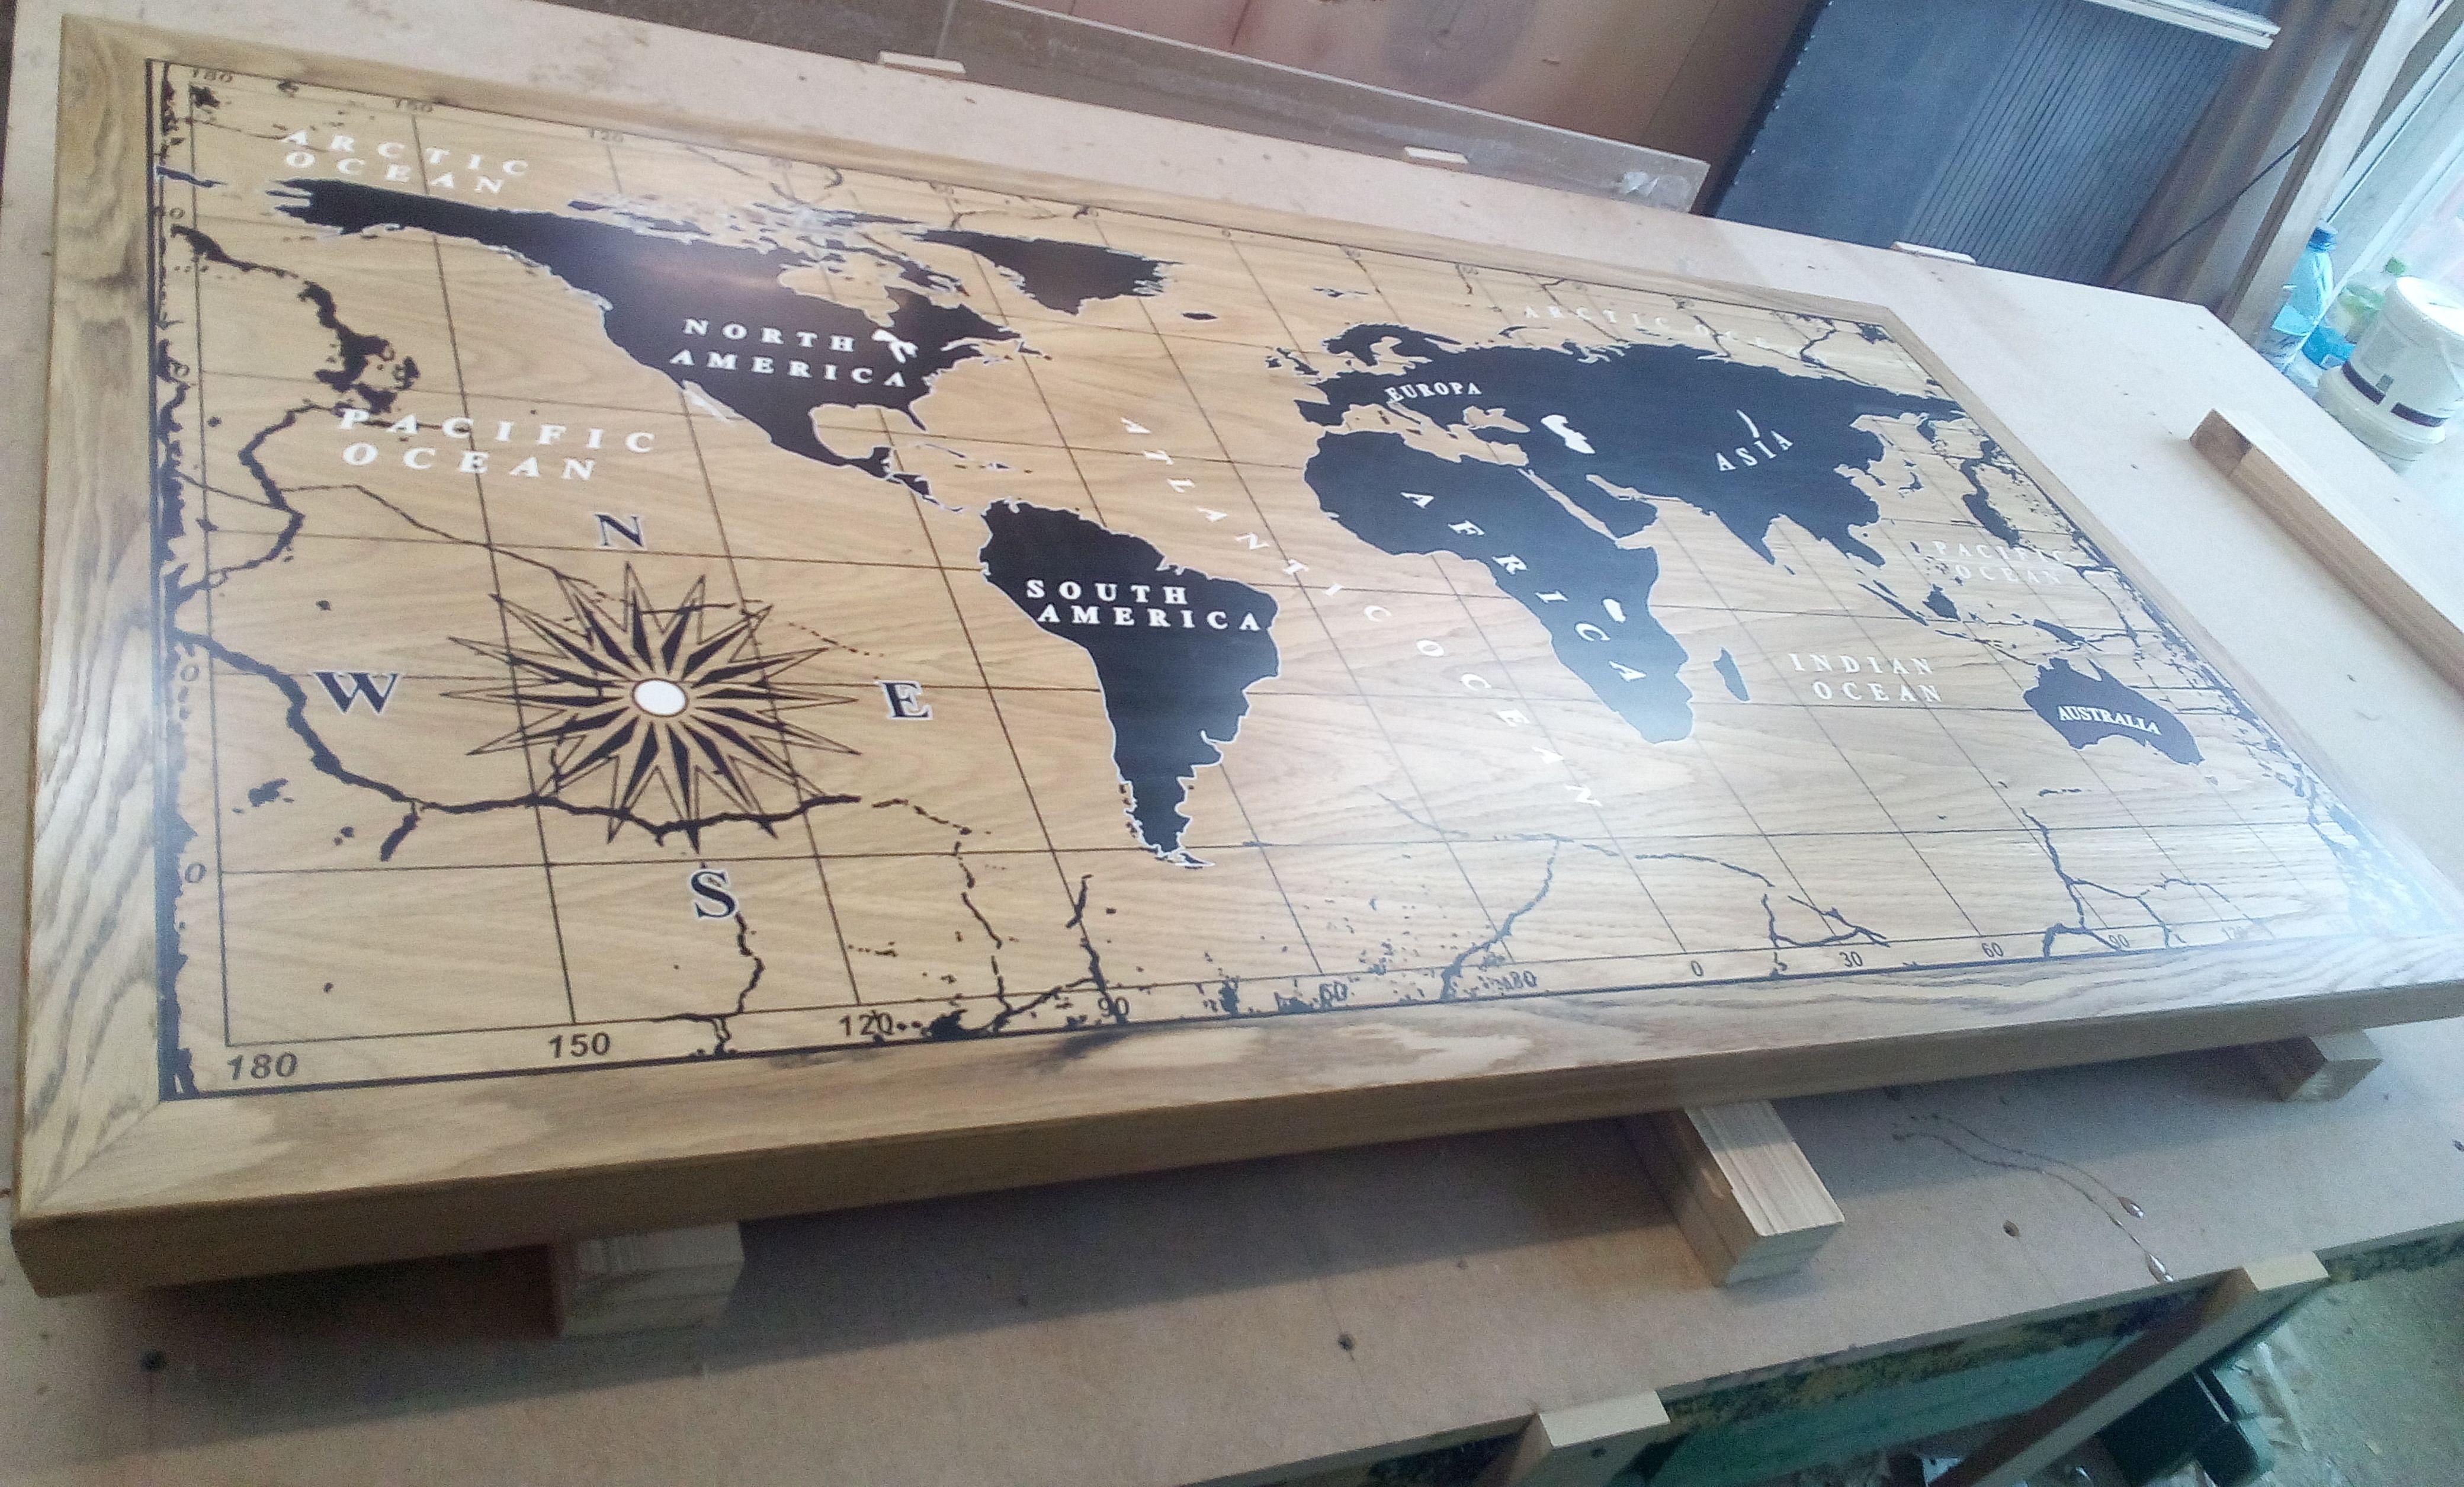 Столешница карта мира на заказ - столярная мастерская Treelogia